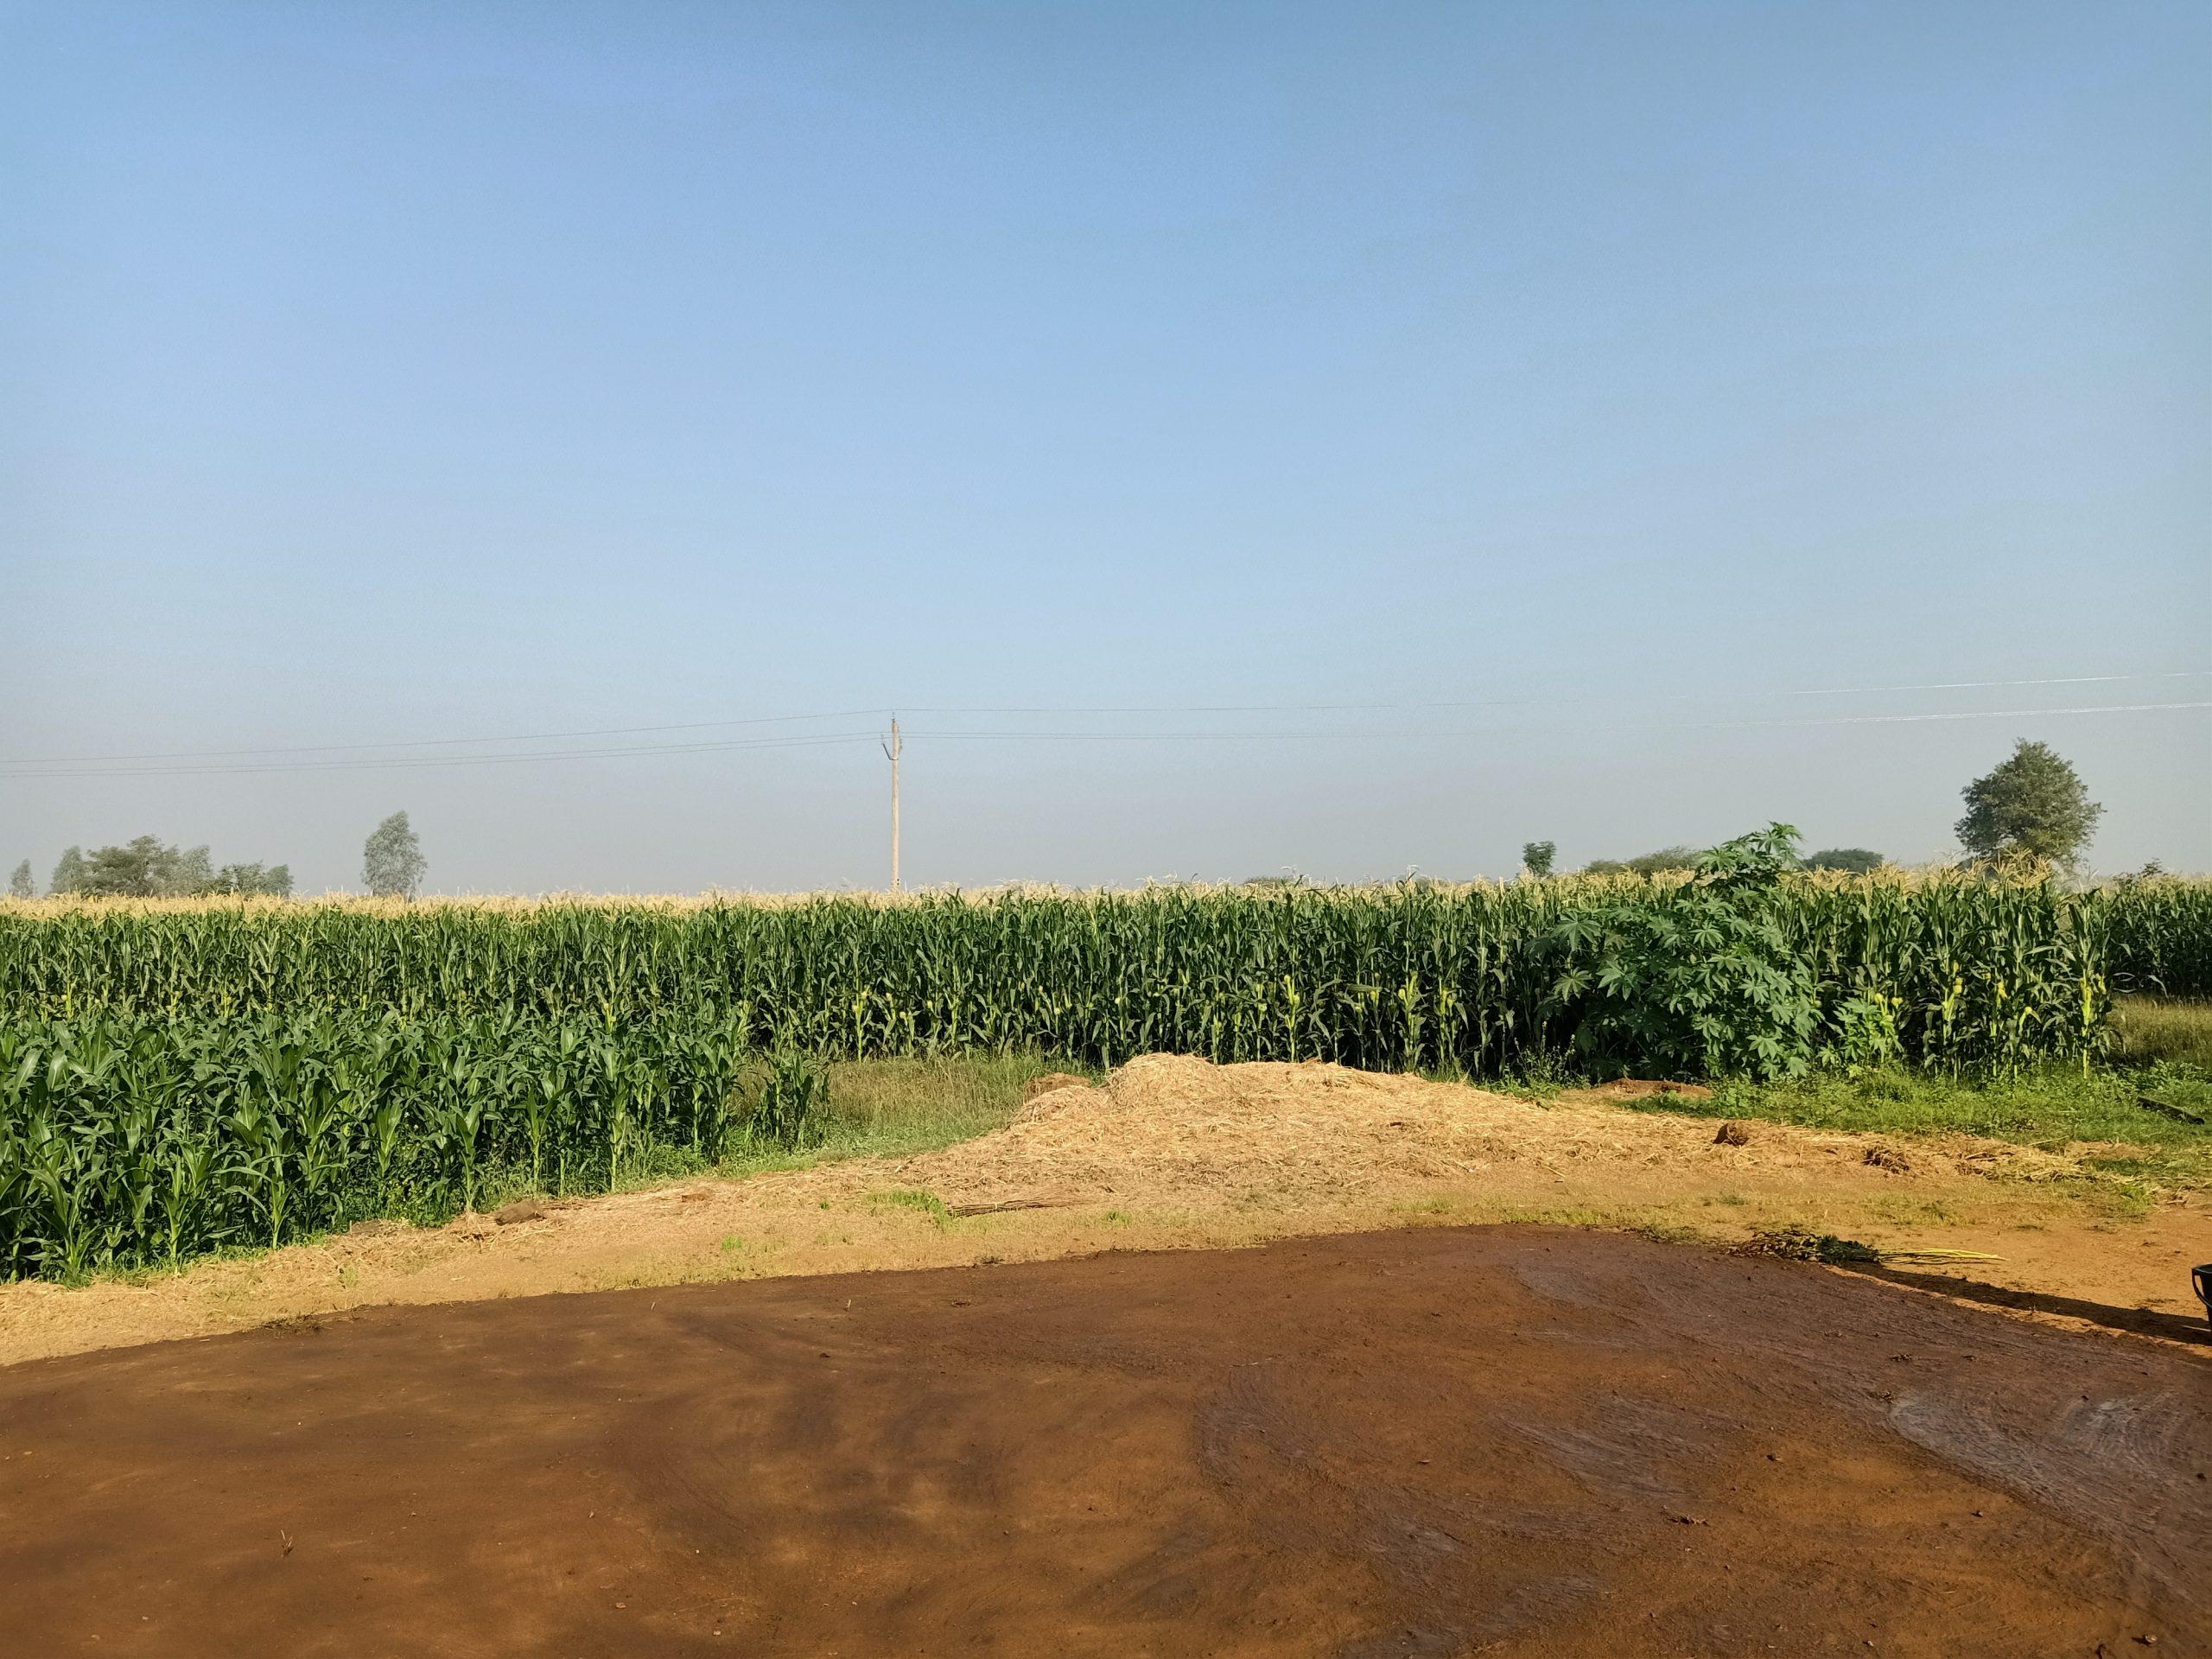 Maize plants fields